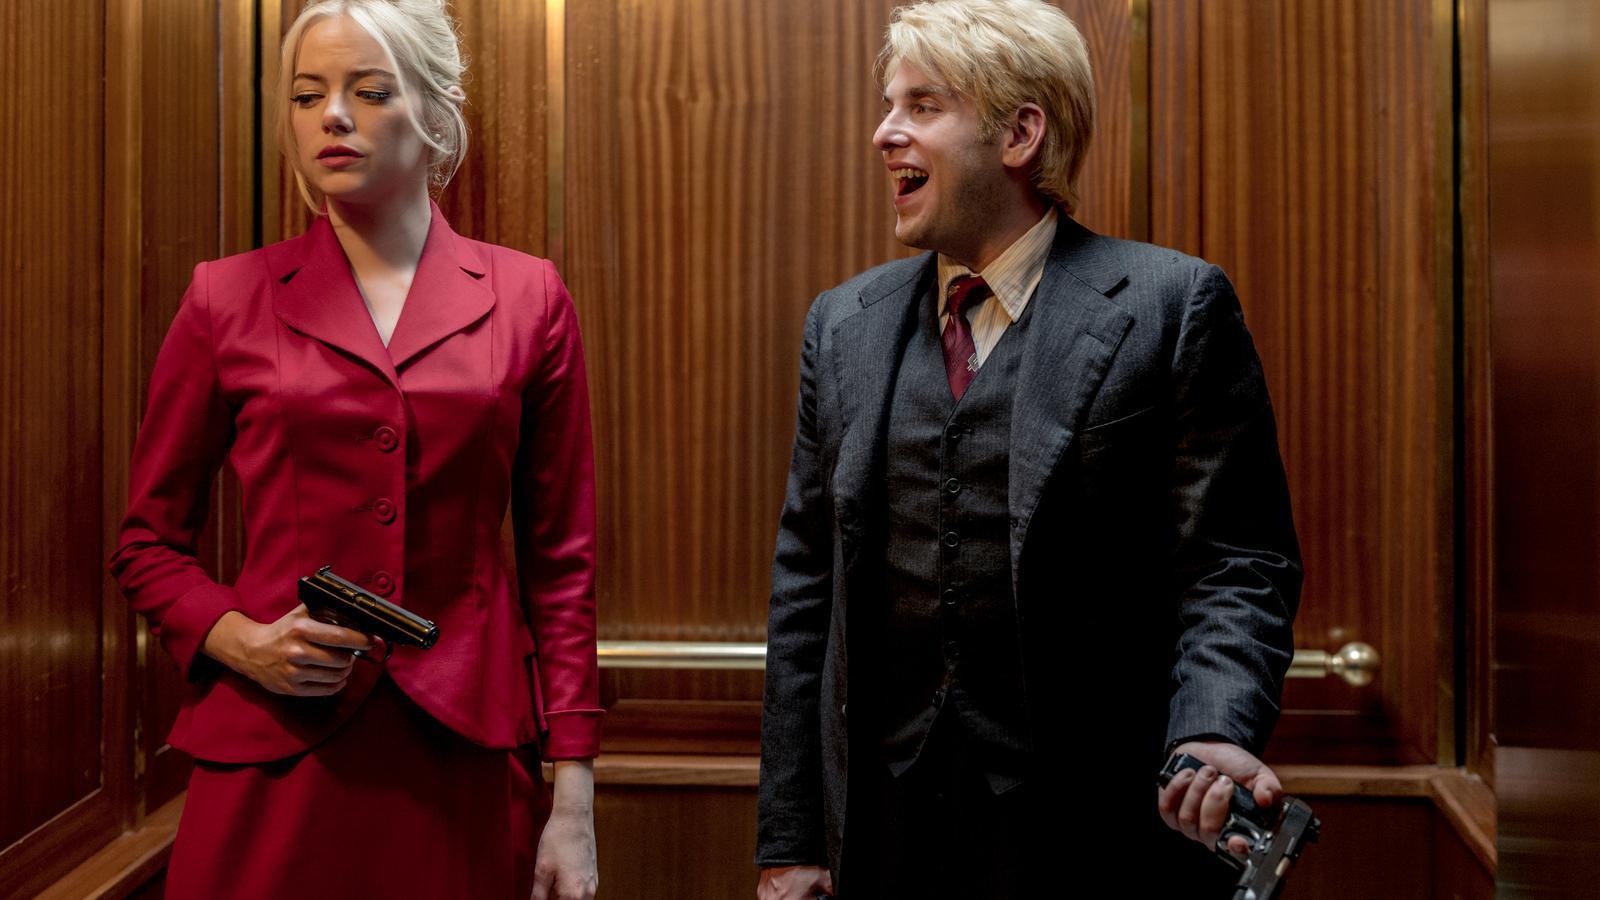 Netflix entra a la ment d'Emma Stone amb 'Maniac'